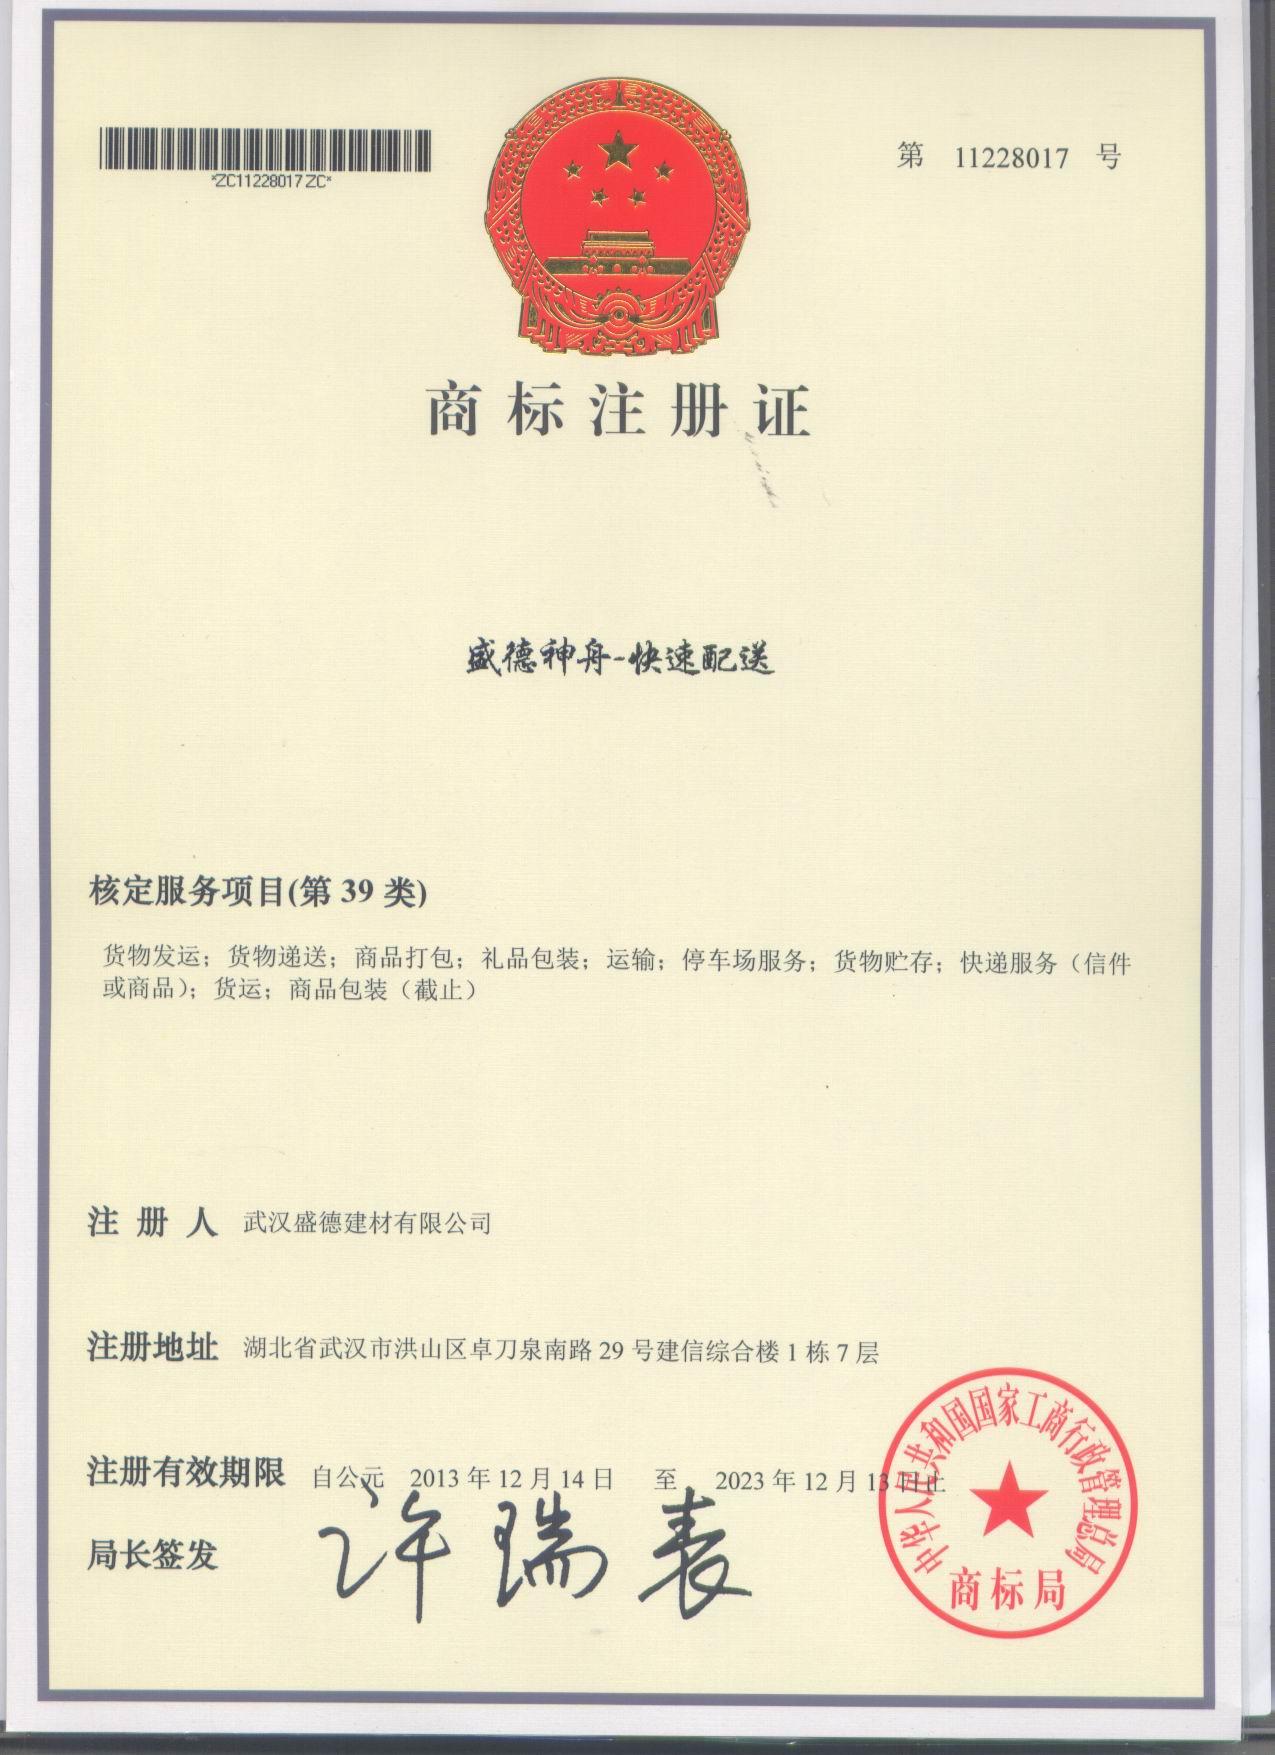 商标注册证-盛德神舟-快速配送